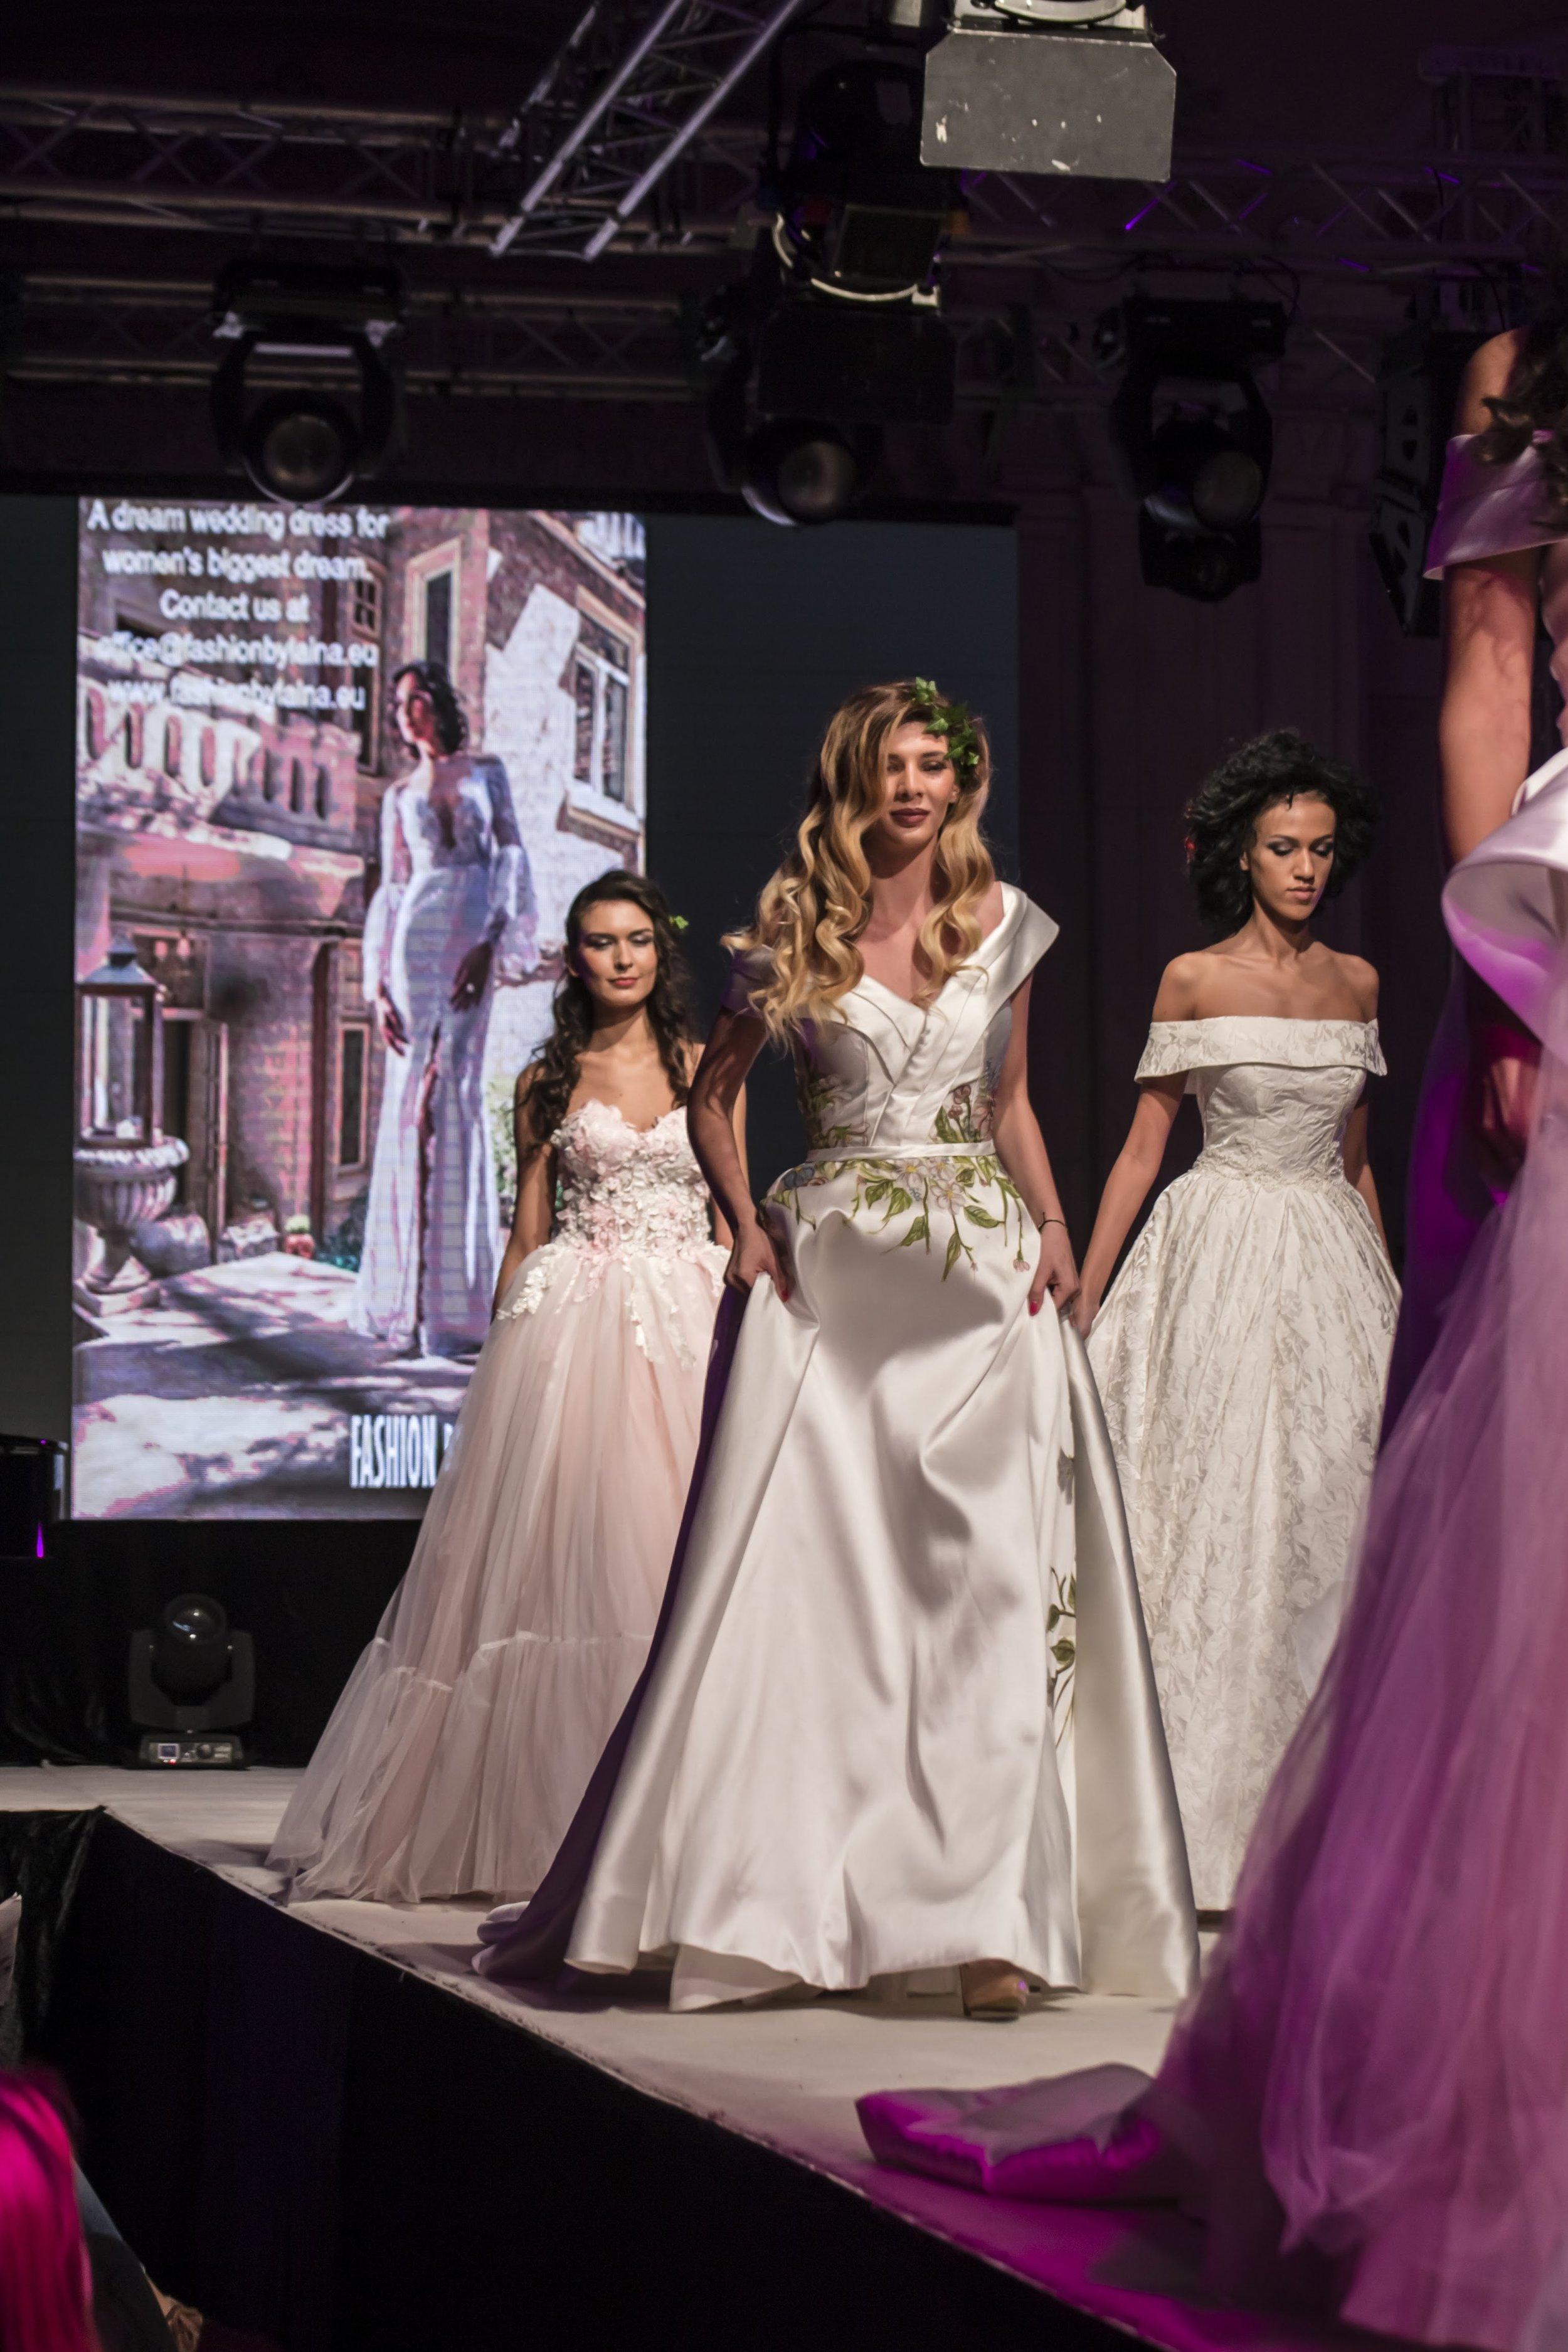 2018 wedding dresses featured (back to front):  Elléboré ,  Jardin .